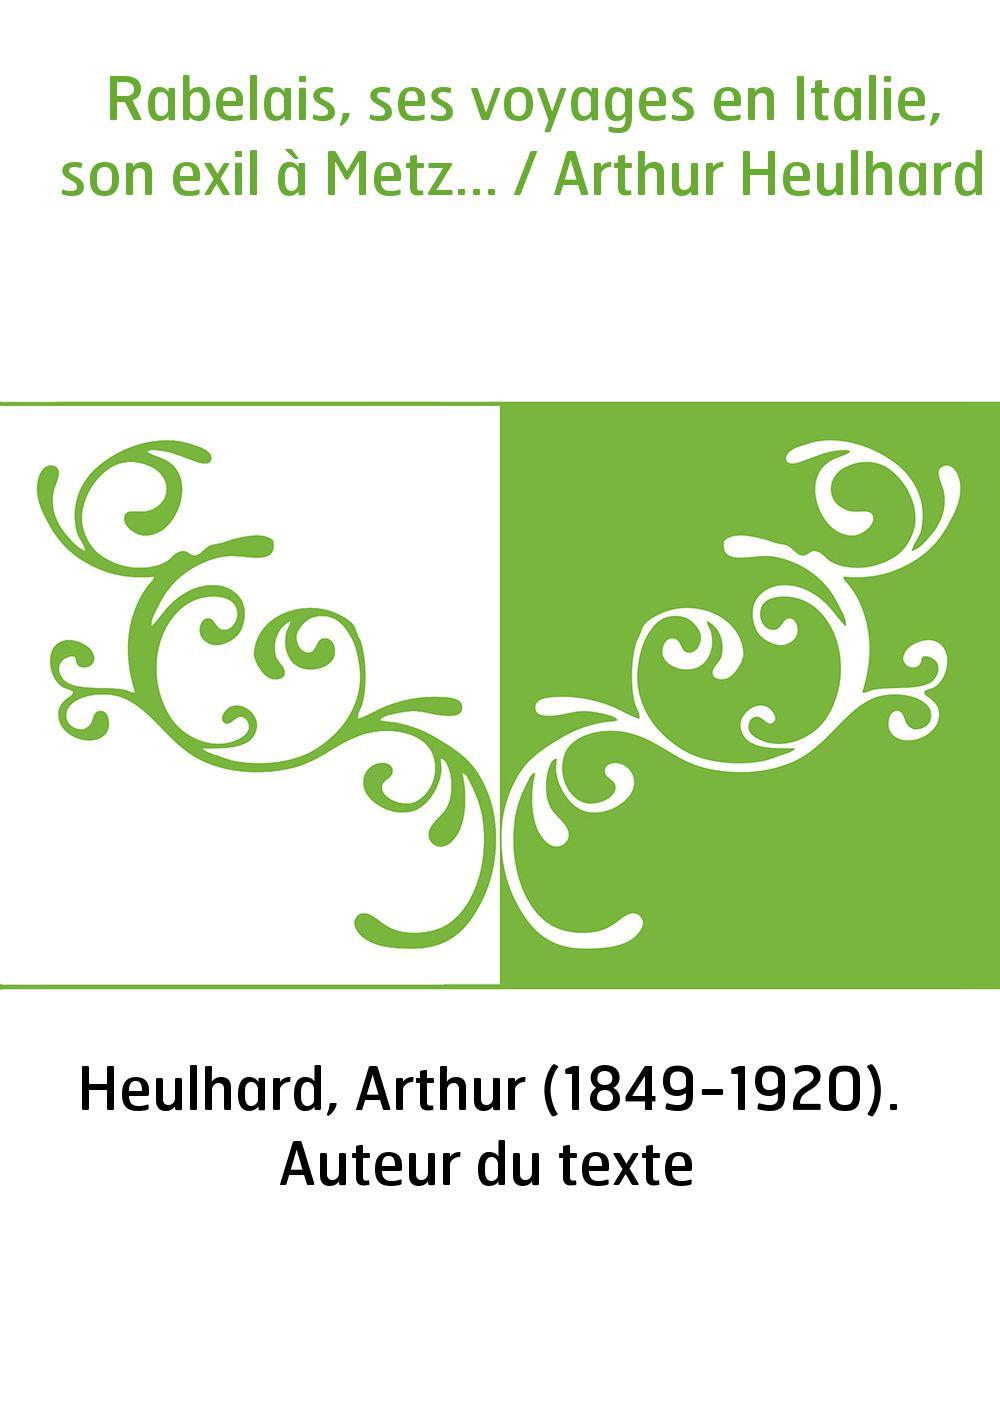 Rabelais, ses voyages en Italie, son exil à Metz... / Arthur Heulhard